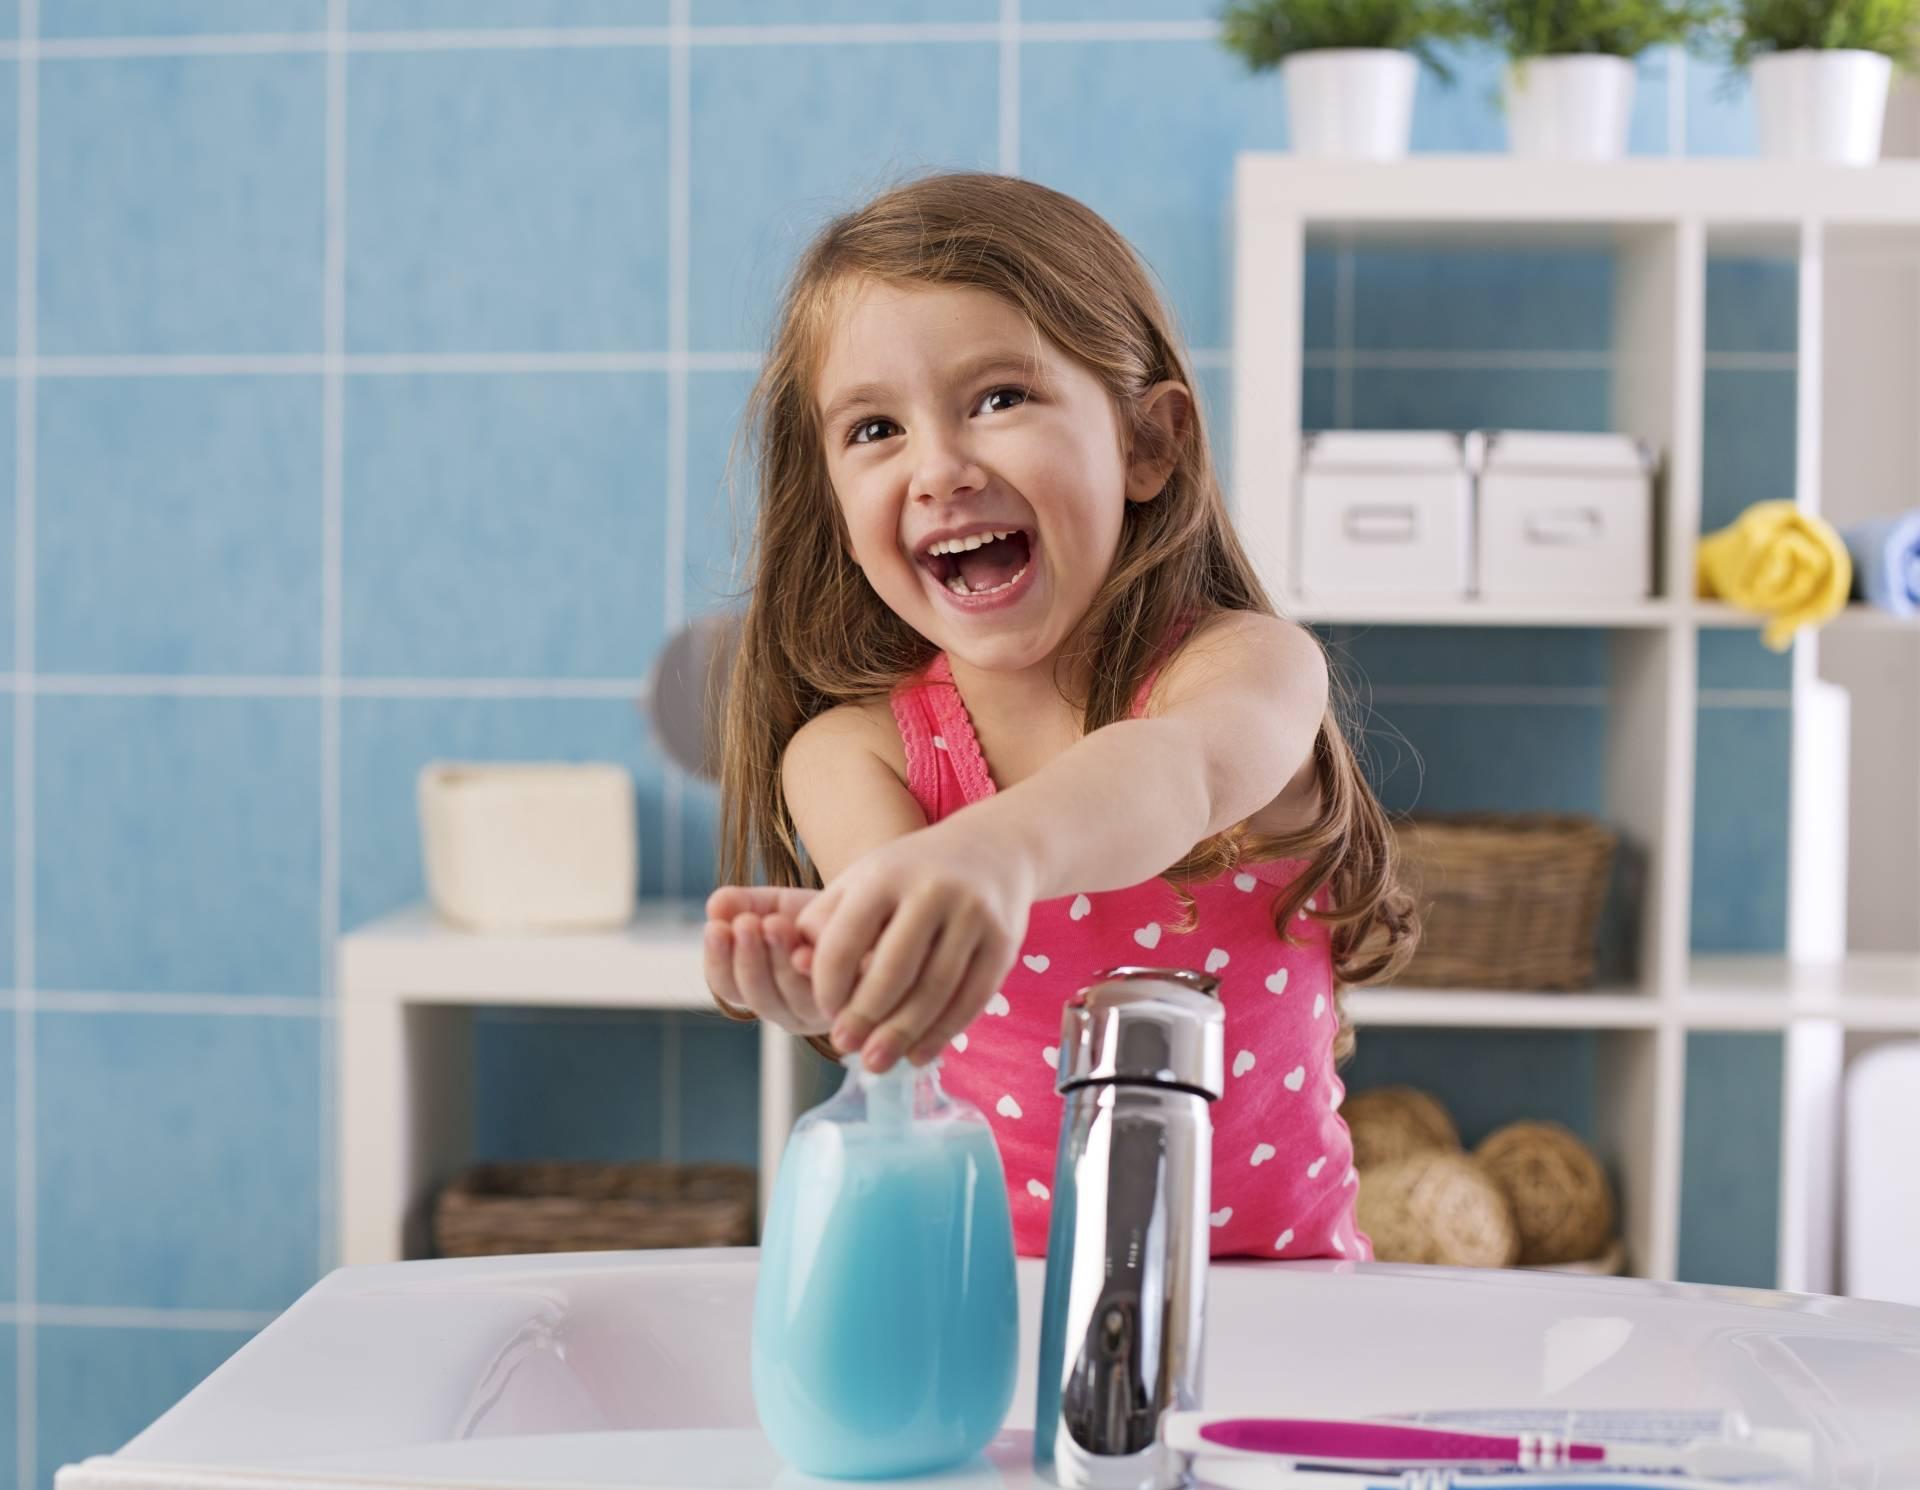 Pasożyty u dzieci - jakie są objawy i jaj je leczyć? Uśmiechnięta dziewczynka myje ręce.